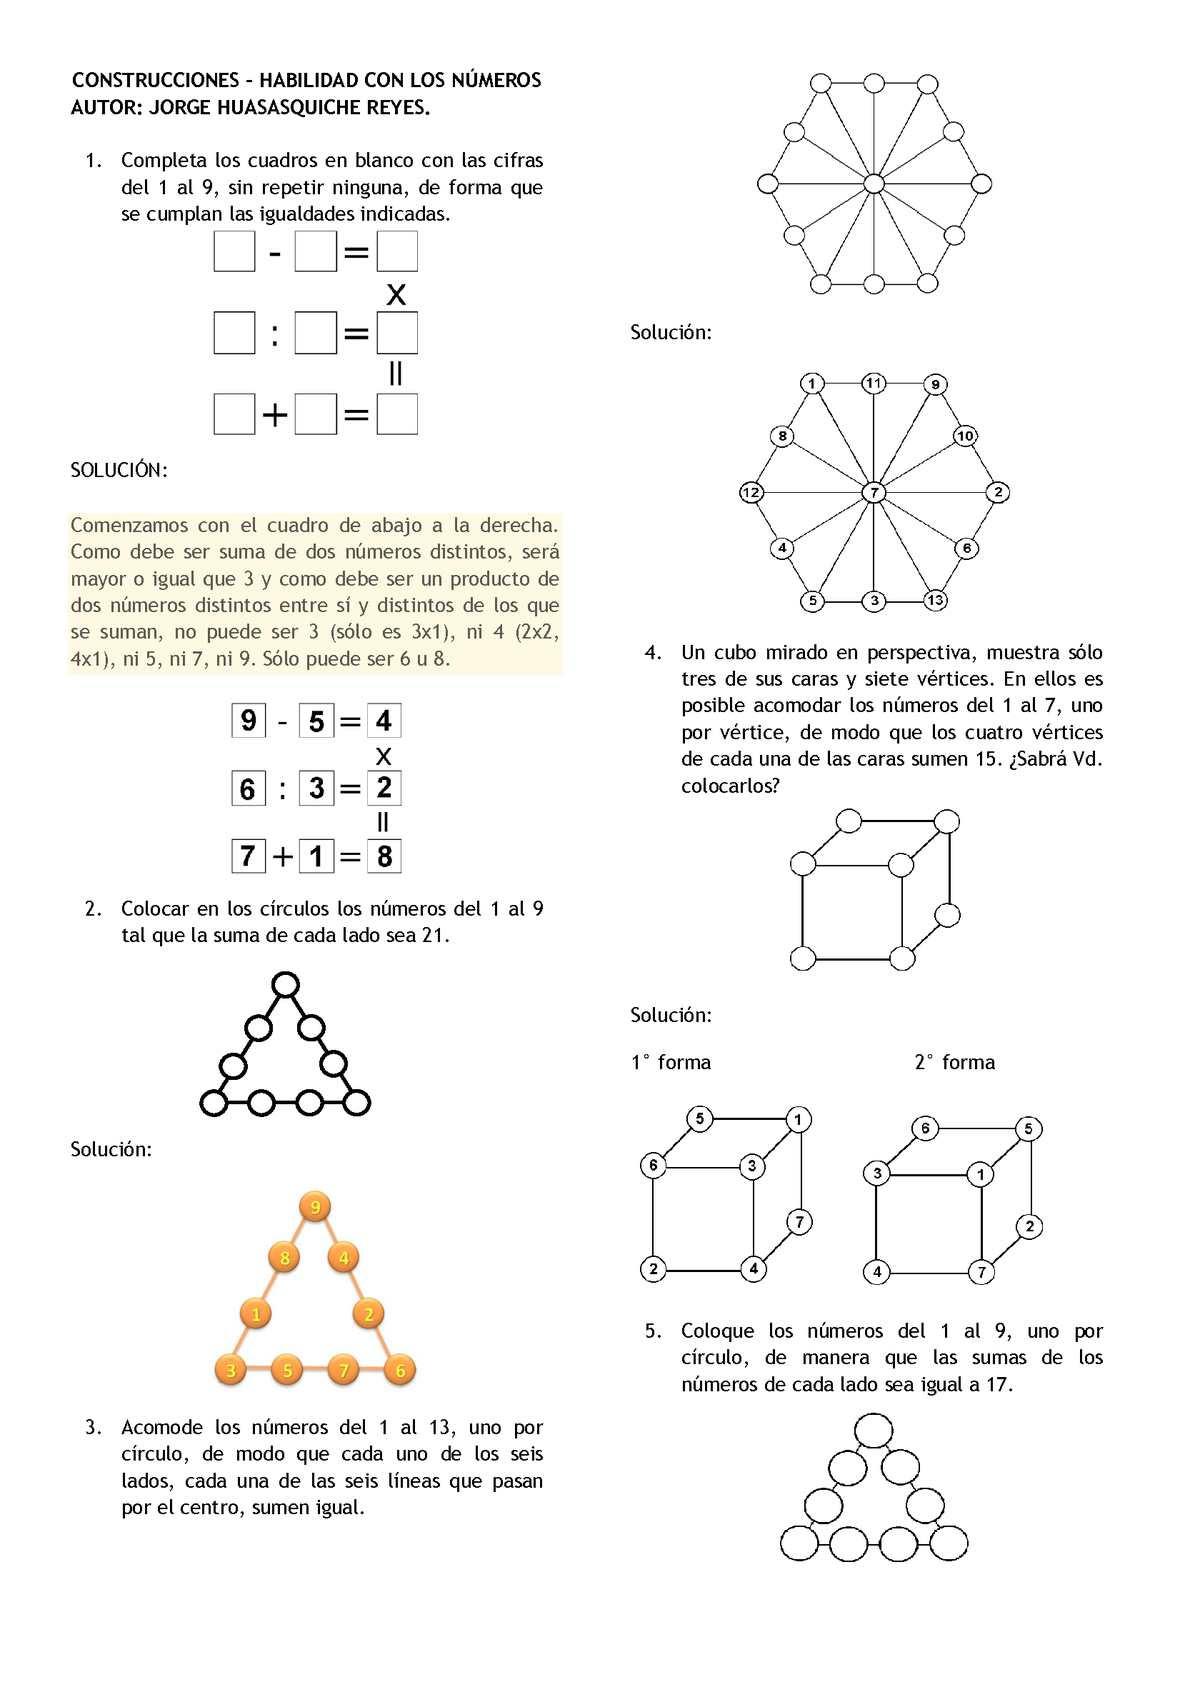 Calaméo Construcciones Habilidad Con Los Números